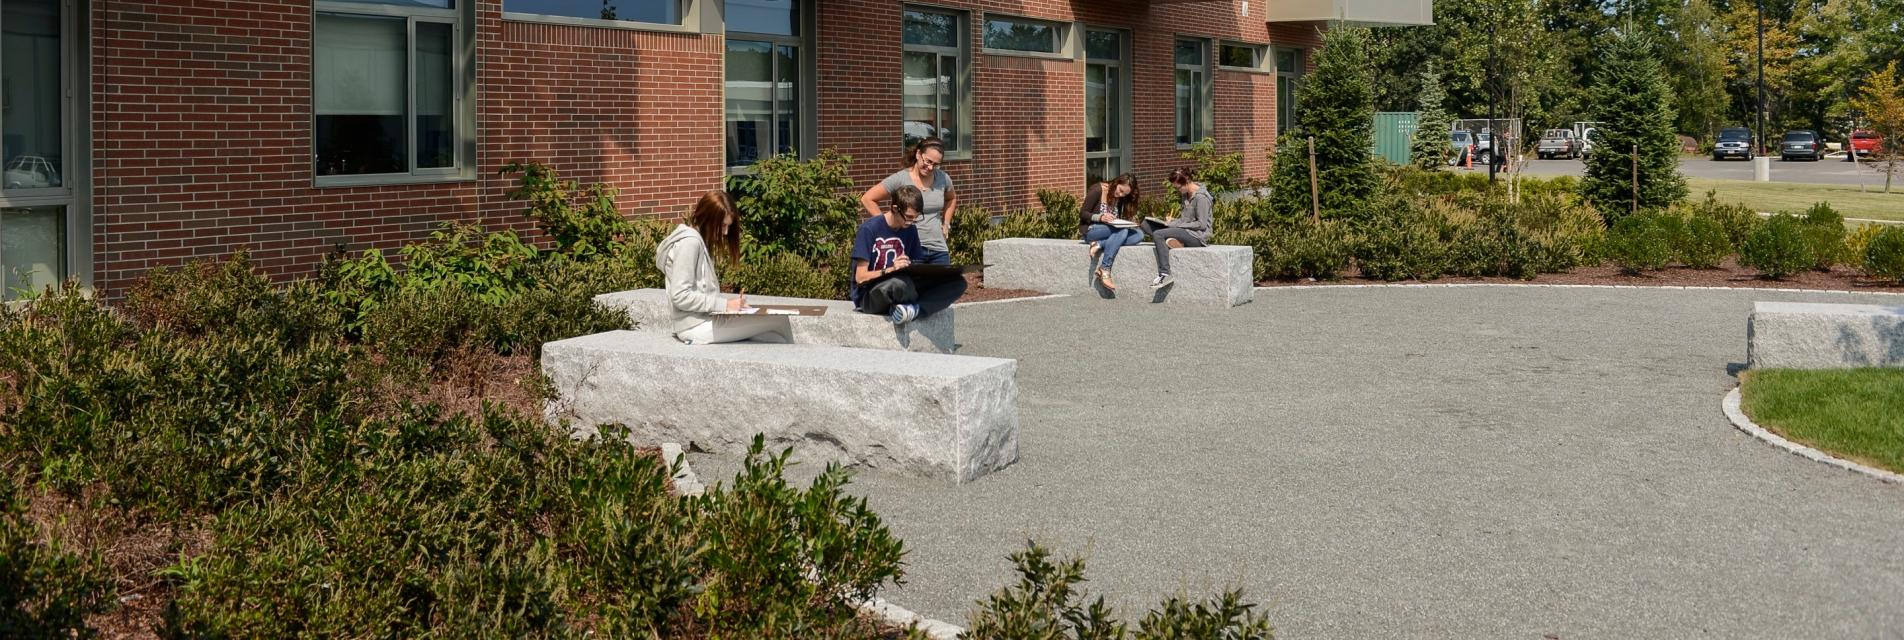 Outdoor School Design